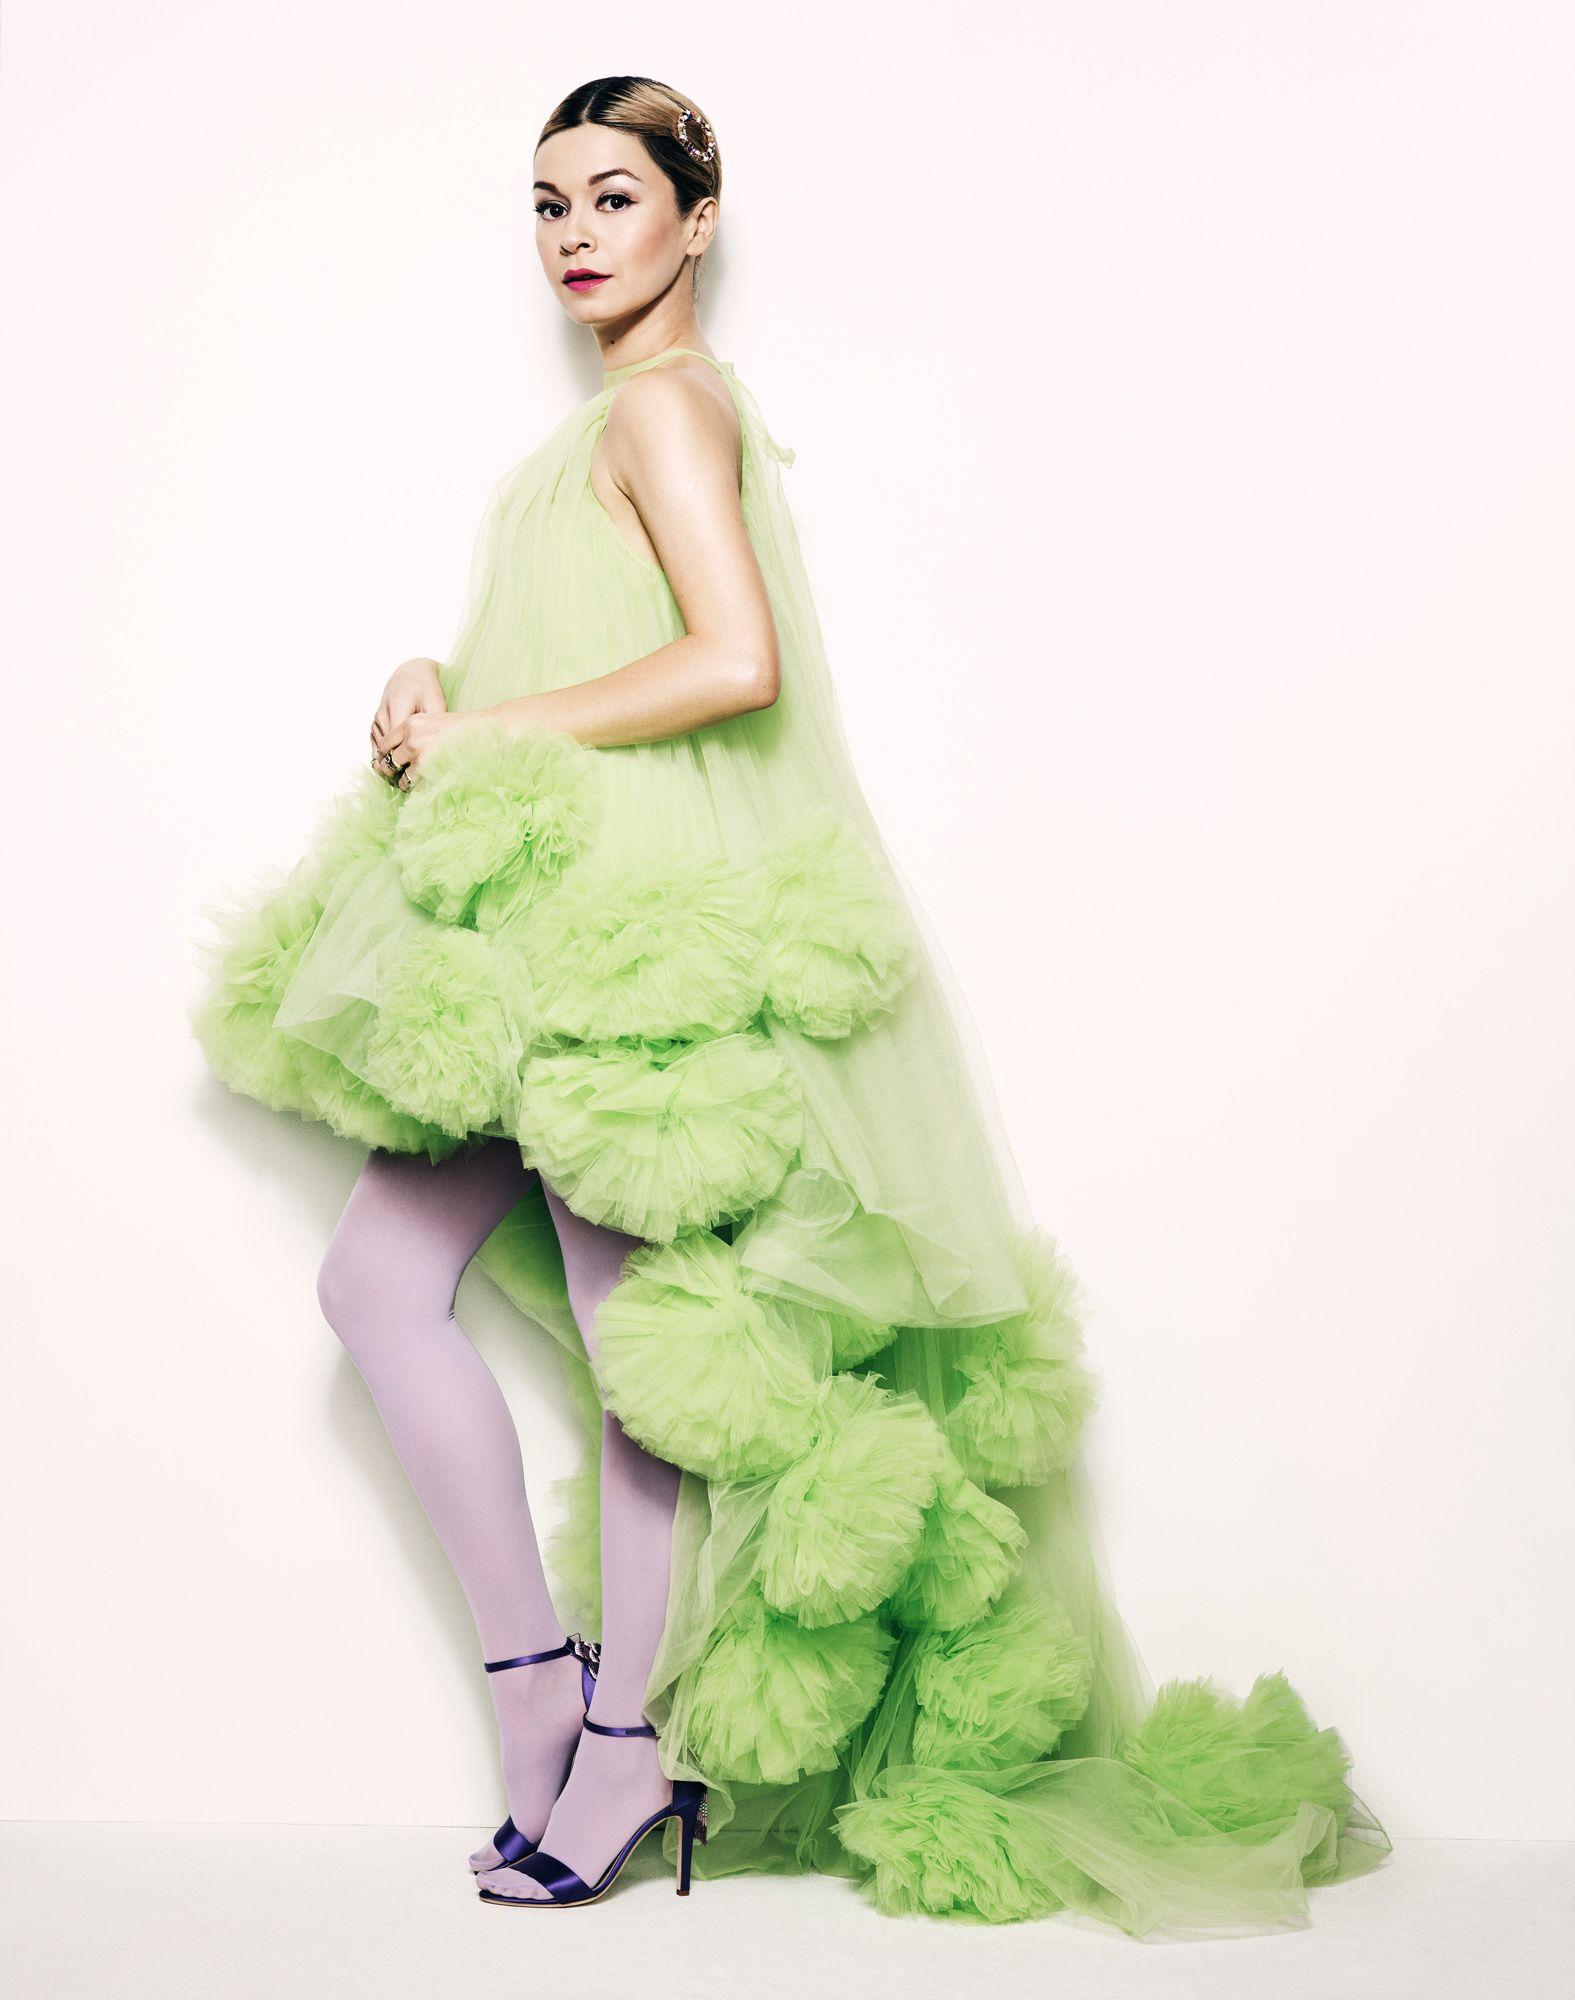 Julia Chan in a fluffly green chiffon dress.